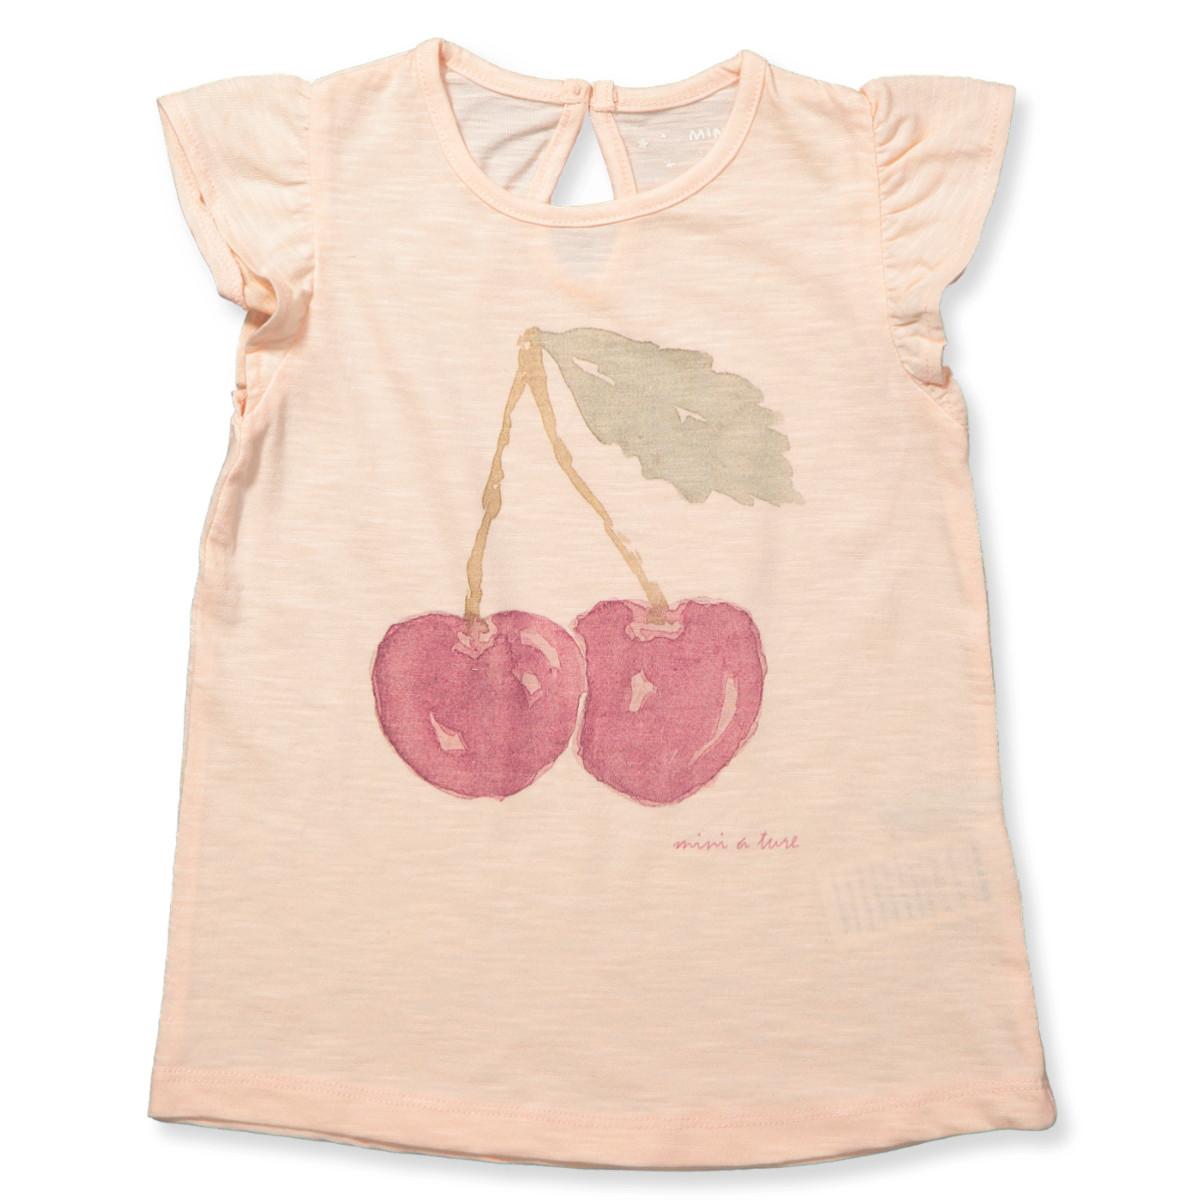 Decia t-shirt